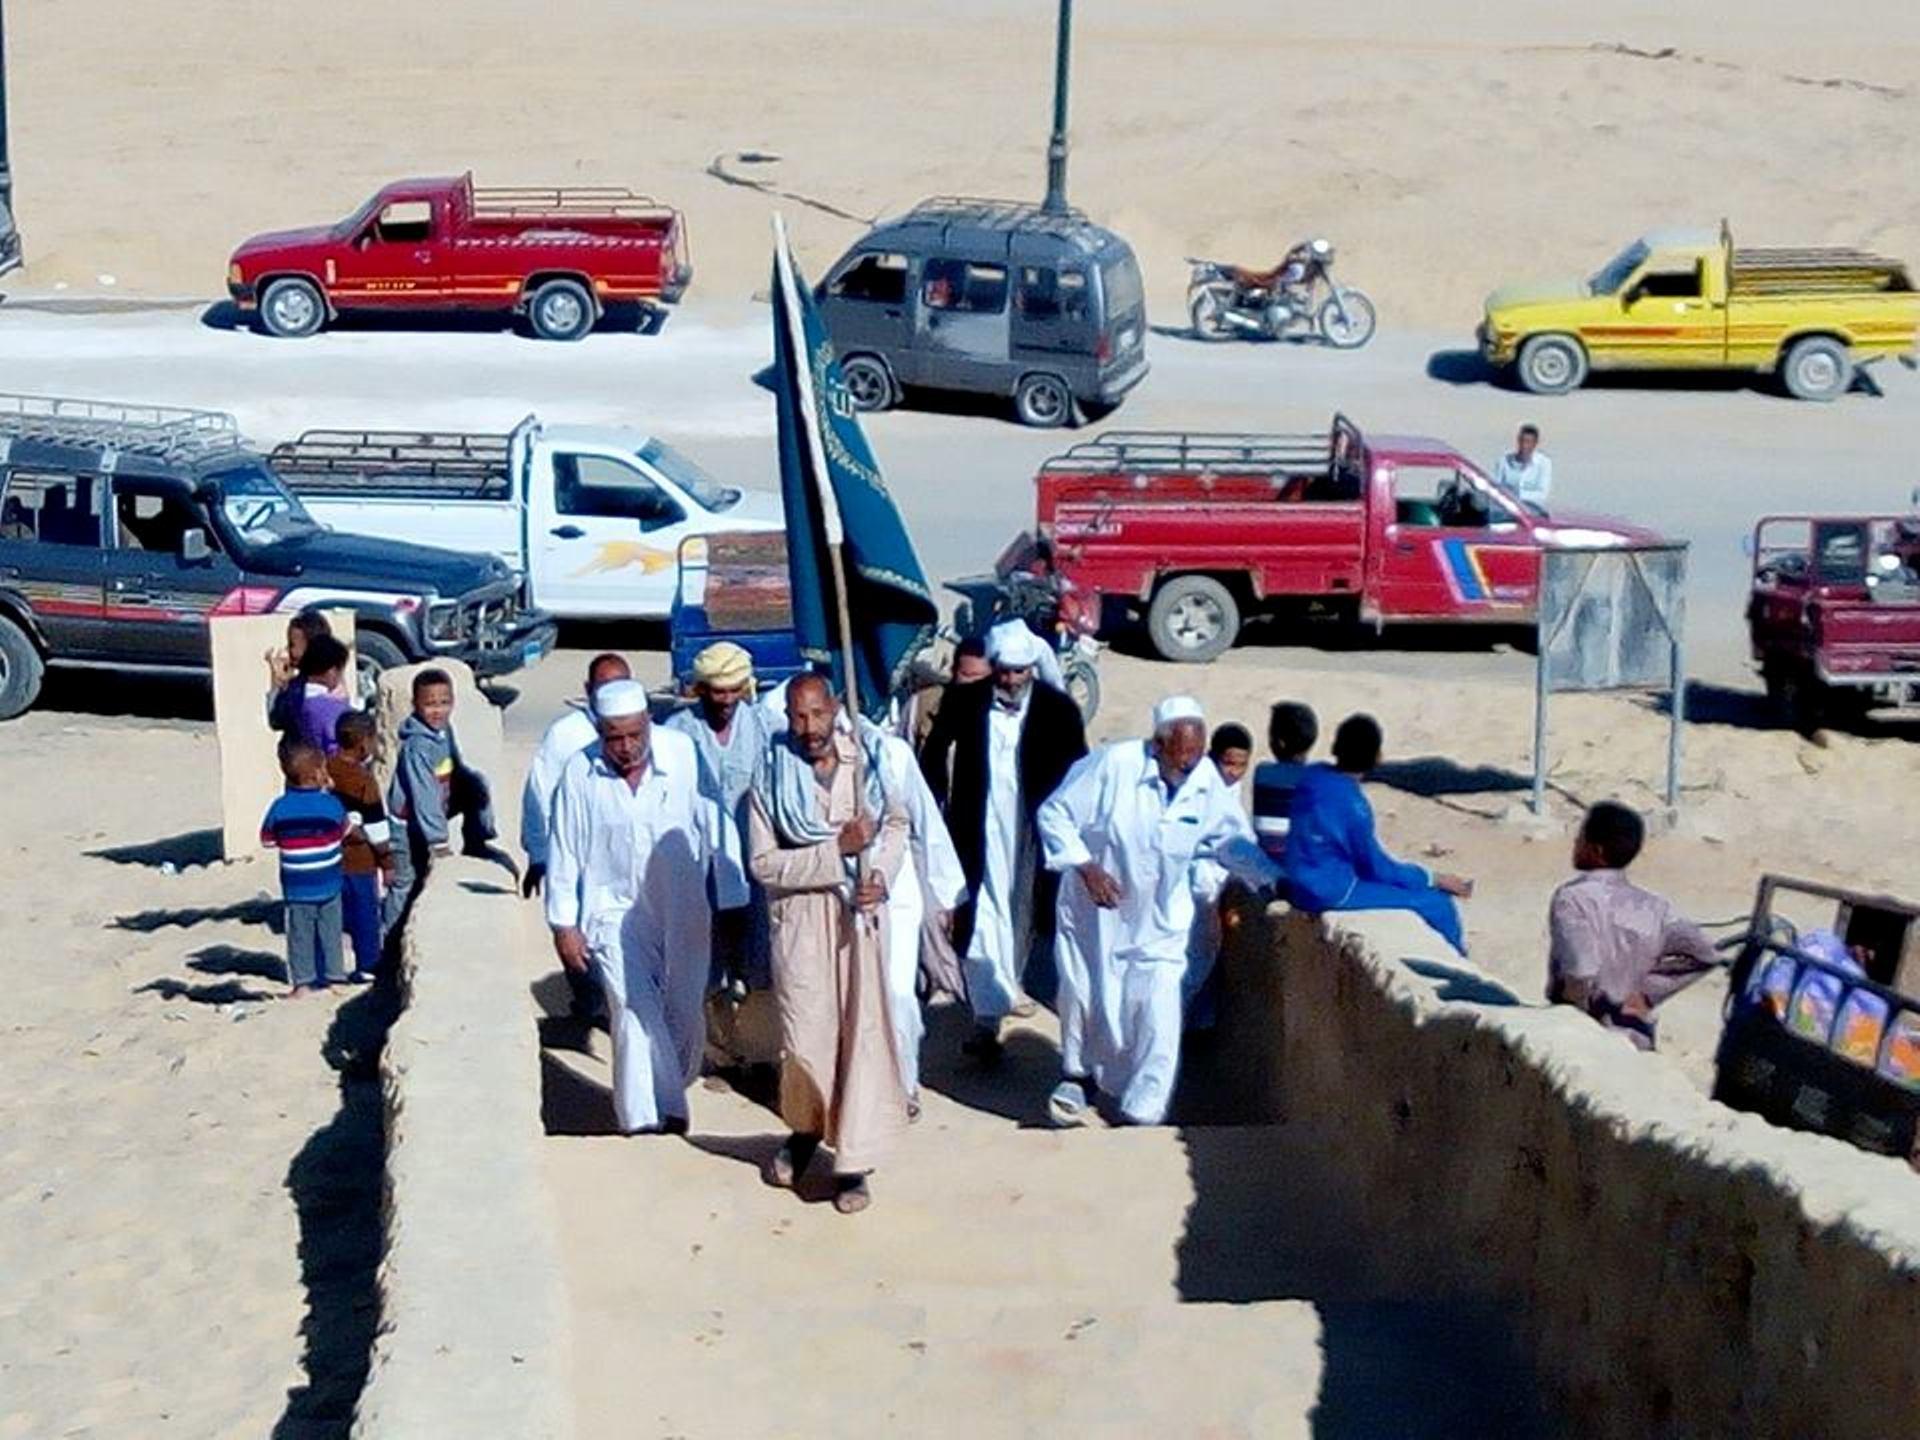 السيويون يحتفلون بعيدهم التراثيالسياحة في حب الله (1)